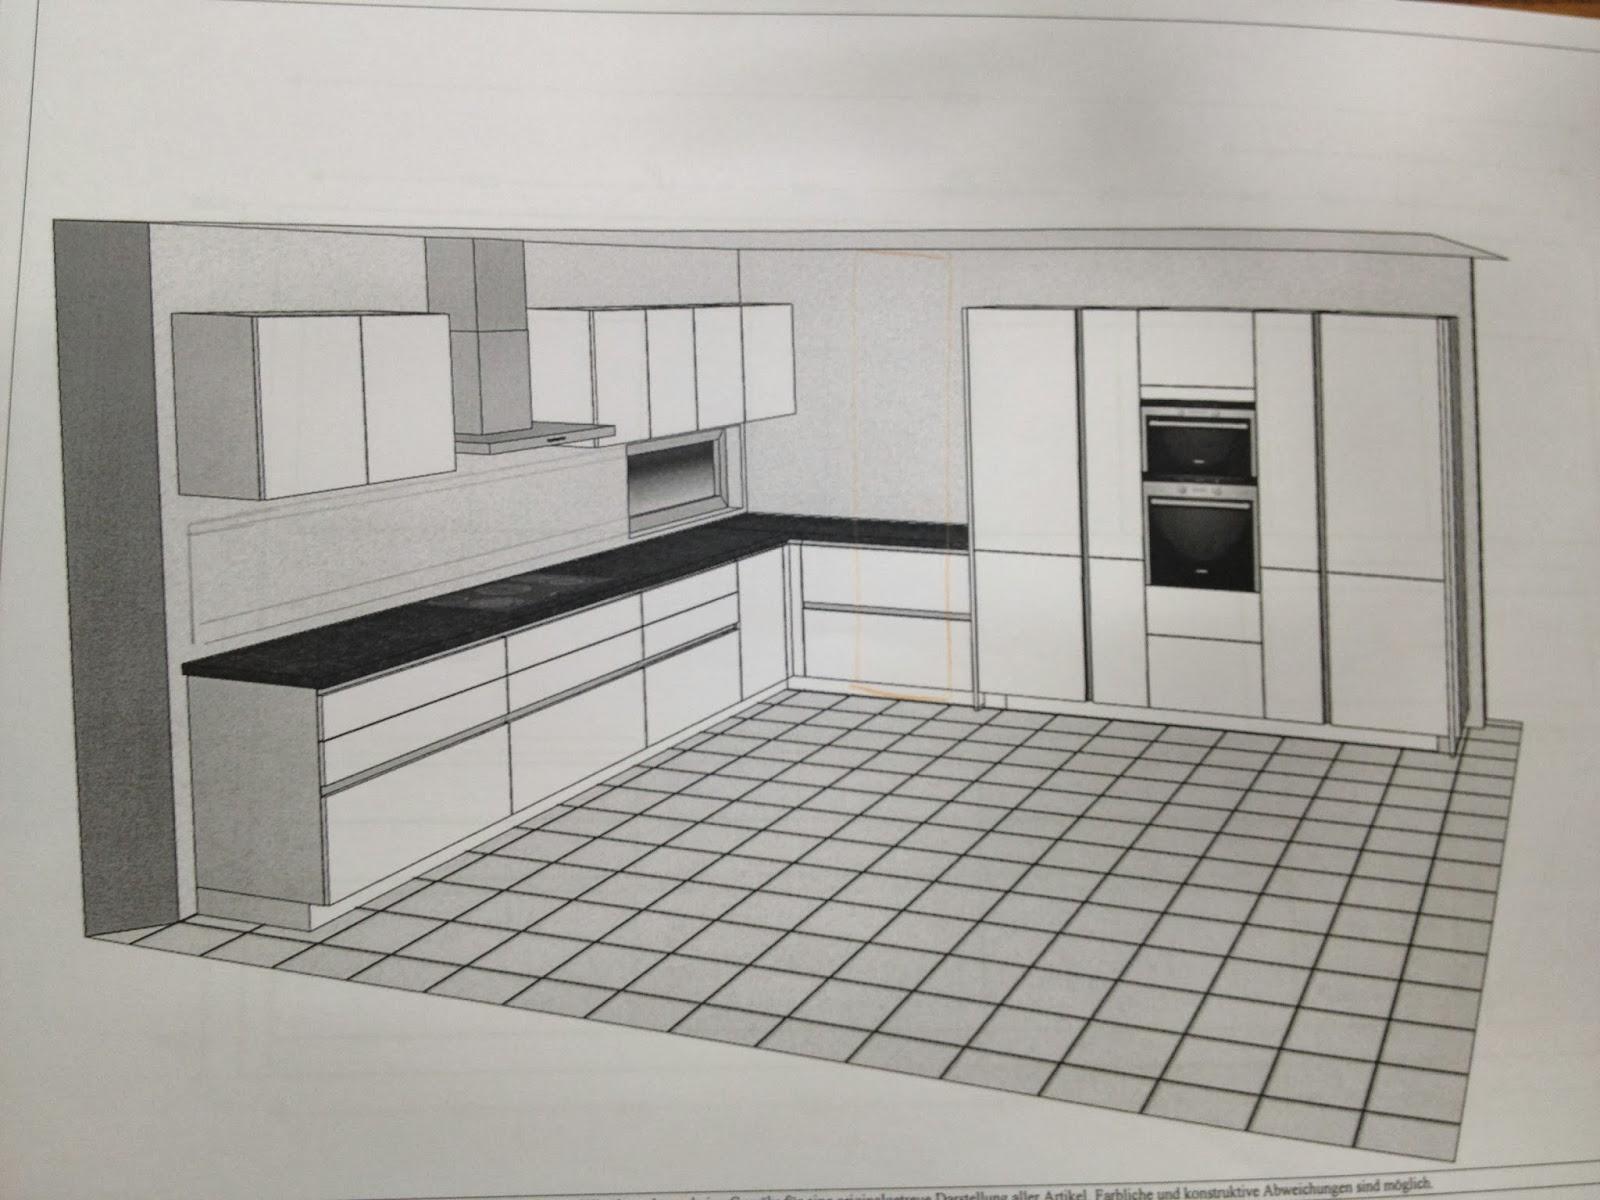 ♥ Unser Hausbau-Tagebuch ♥: Die Küche- erste Idee